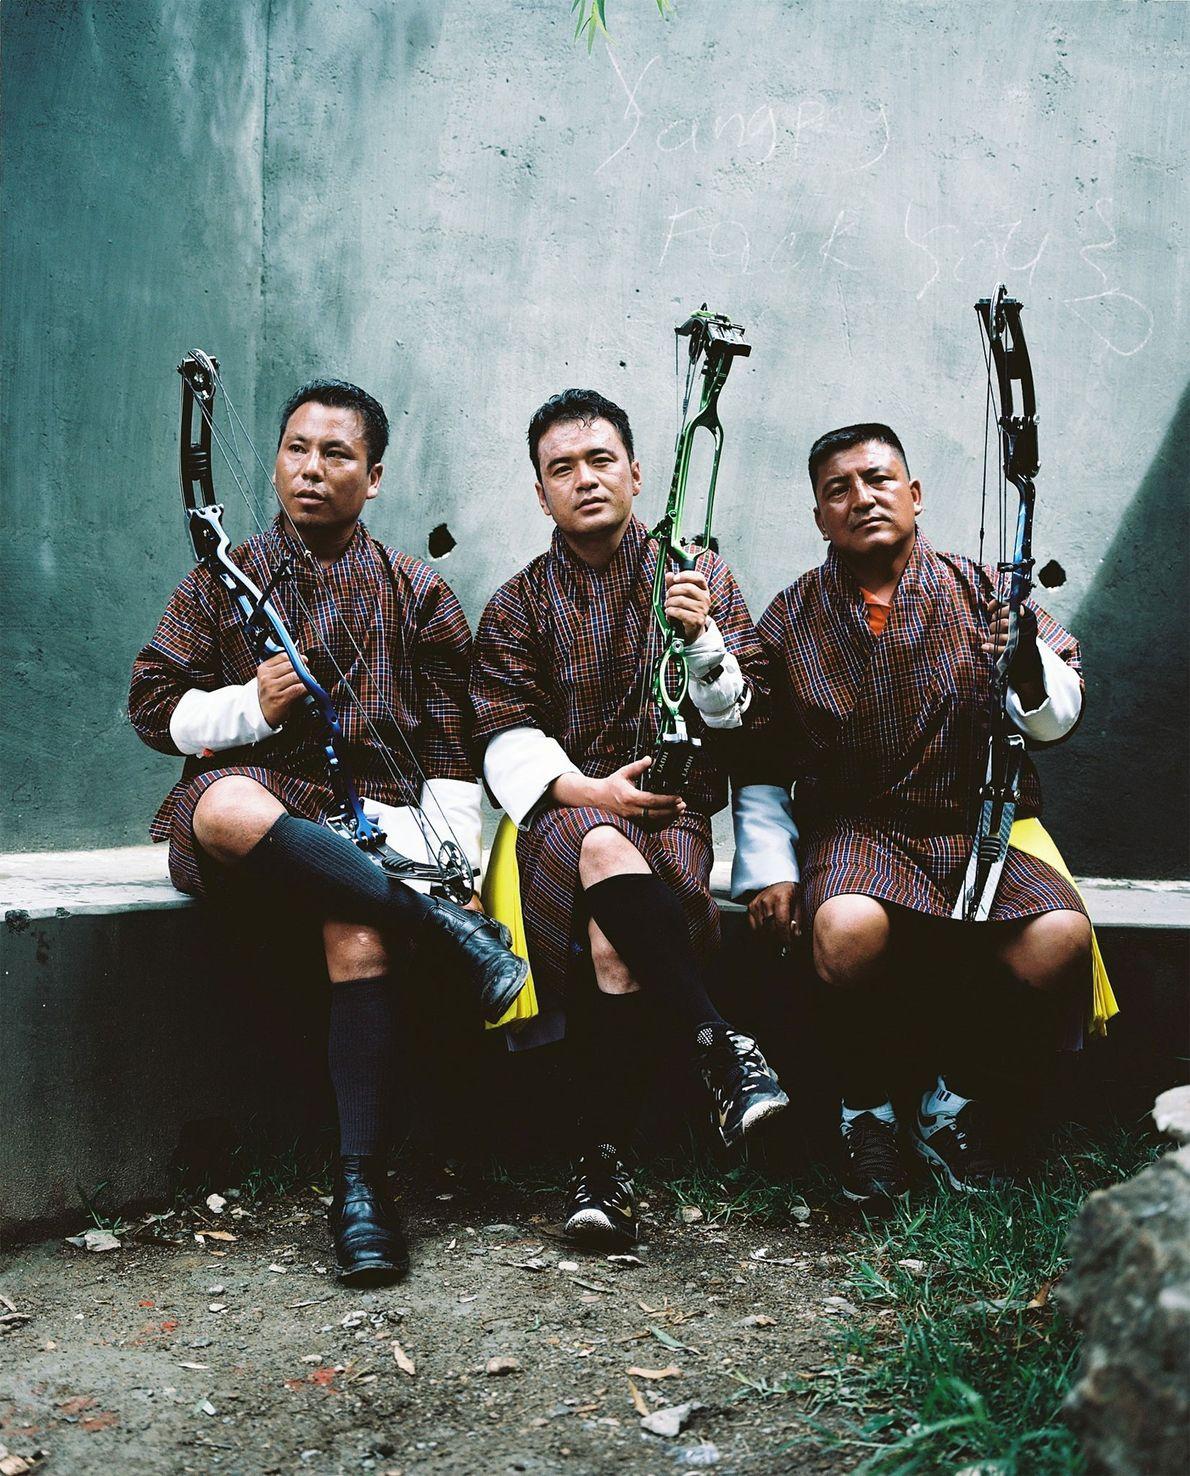 Três homens descansam durante uma competição local de arco e flecha em Paro. Da esquerda para …